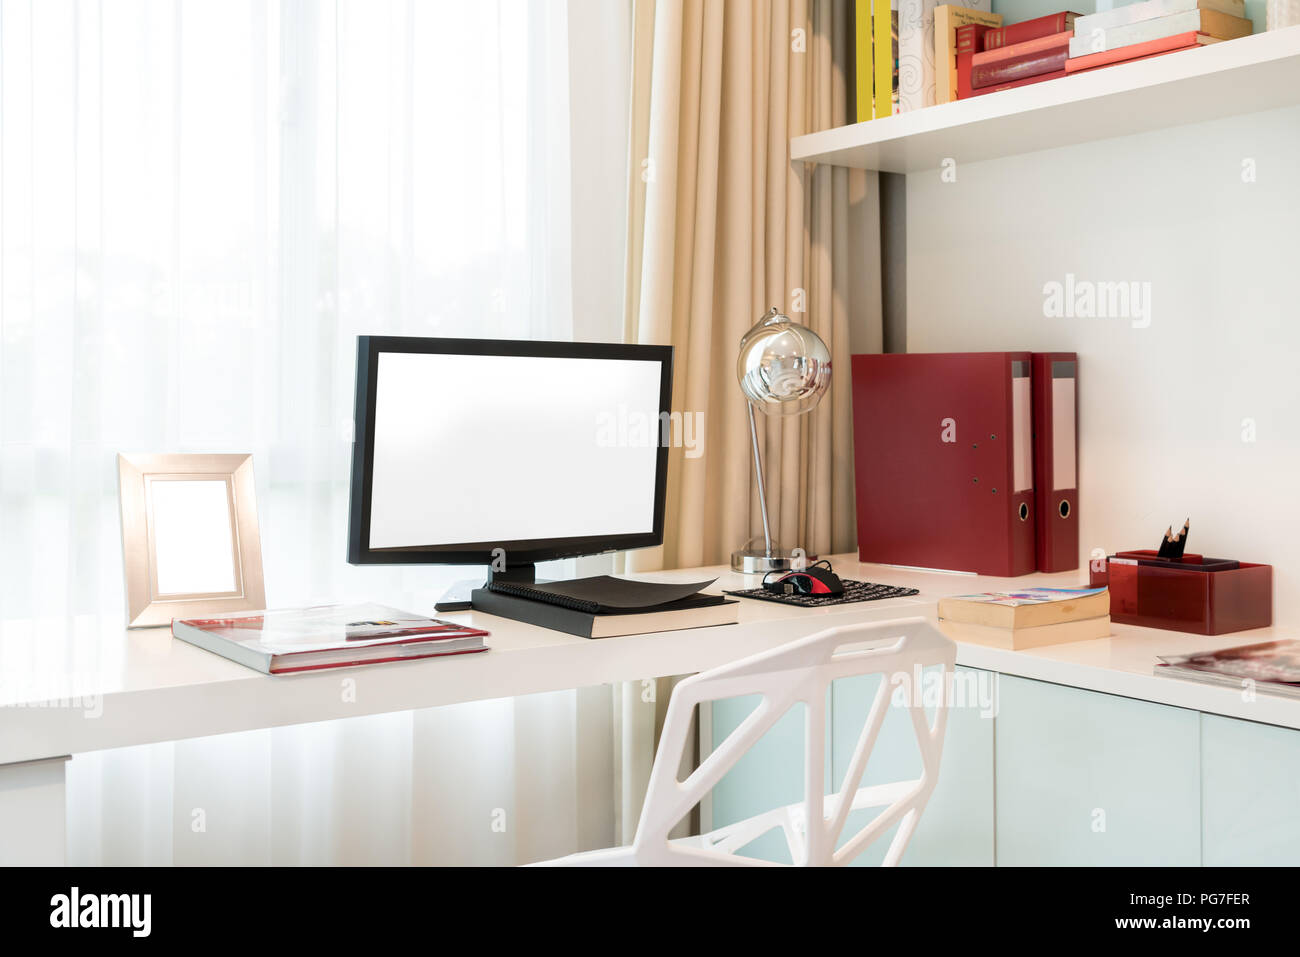 Bureau Plan De Travail l'écran de l'ordinateur et sur les outils de bureau bureau